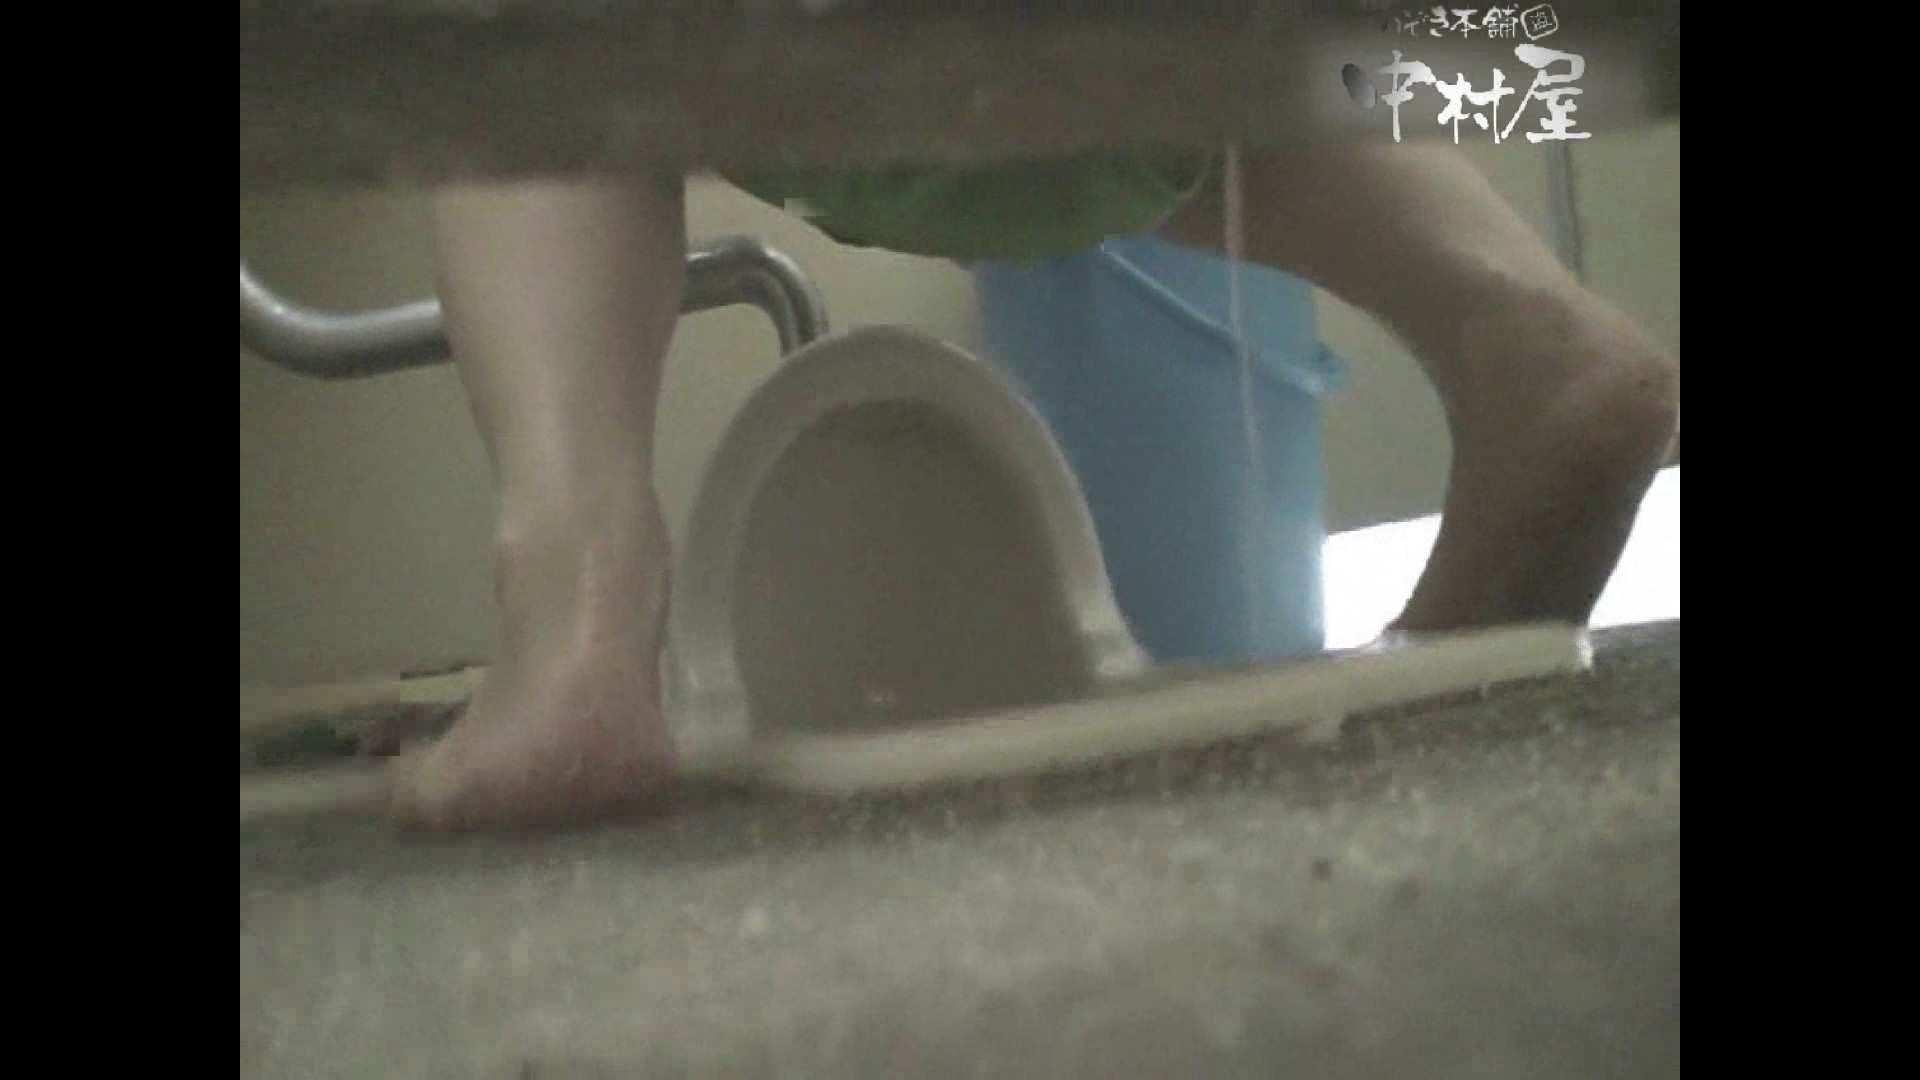 岩手県在住盗撮師盗撮記録vol.19 ハプニング映像 アダルト動画キャプチャ 105PIX 74